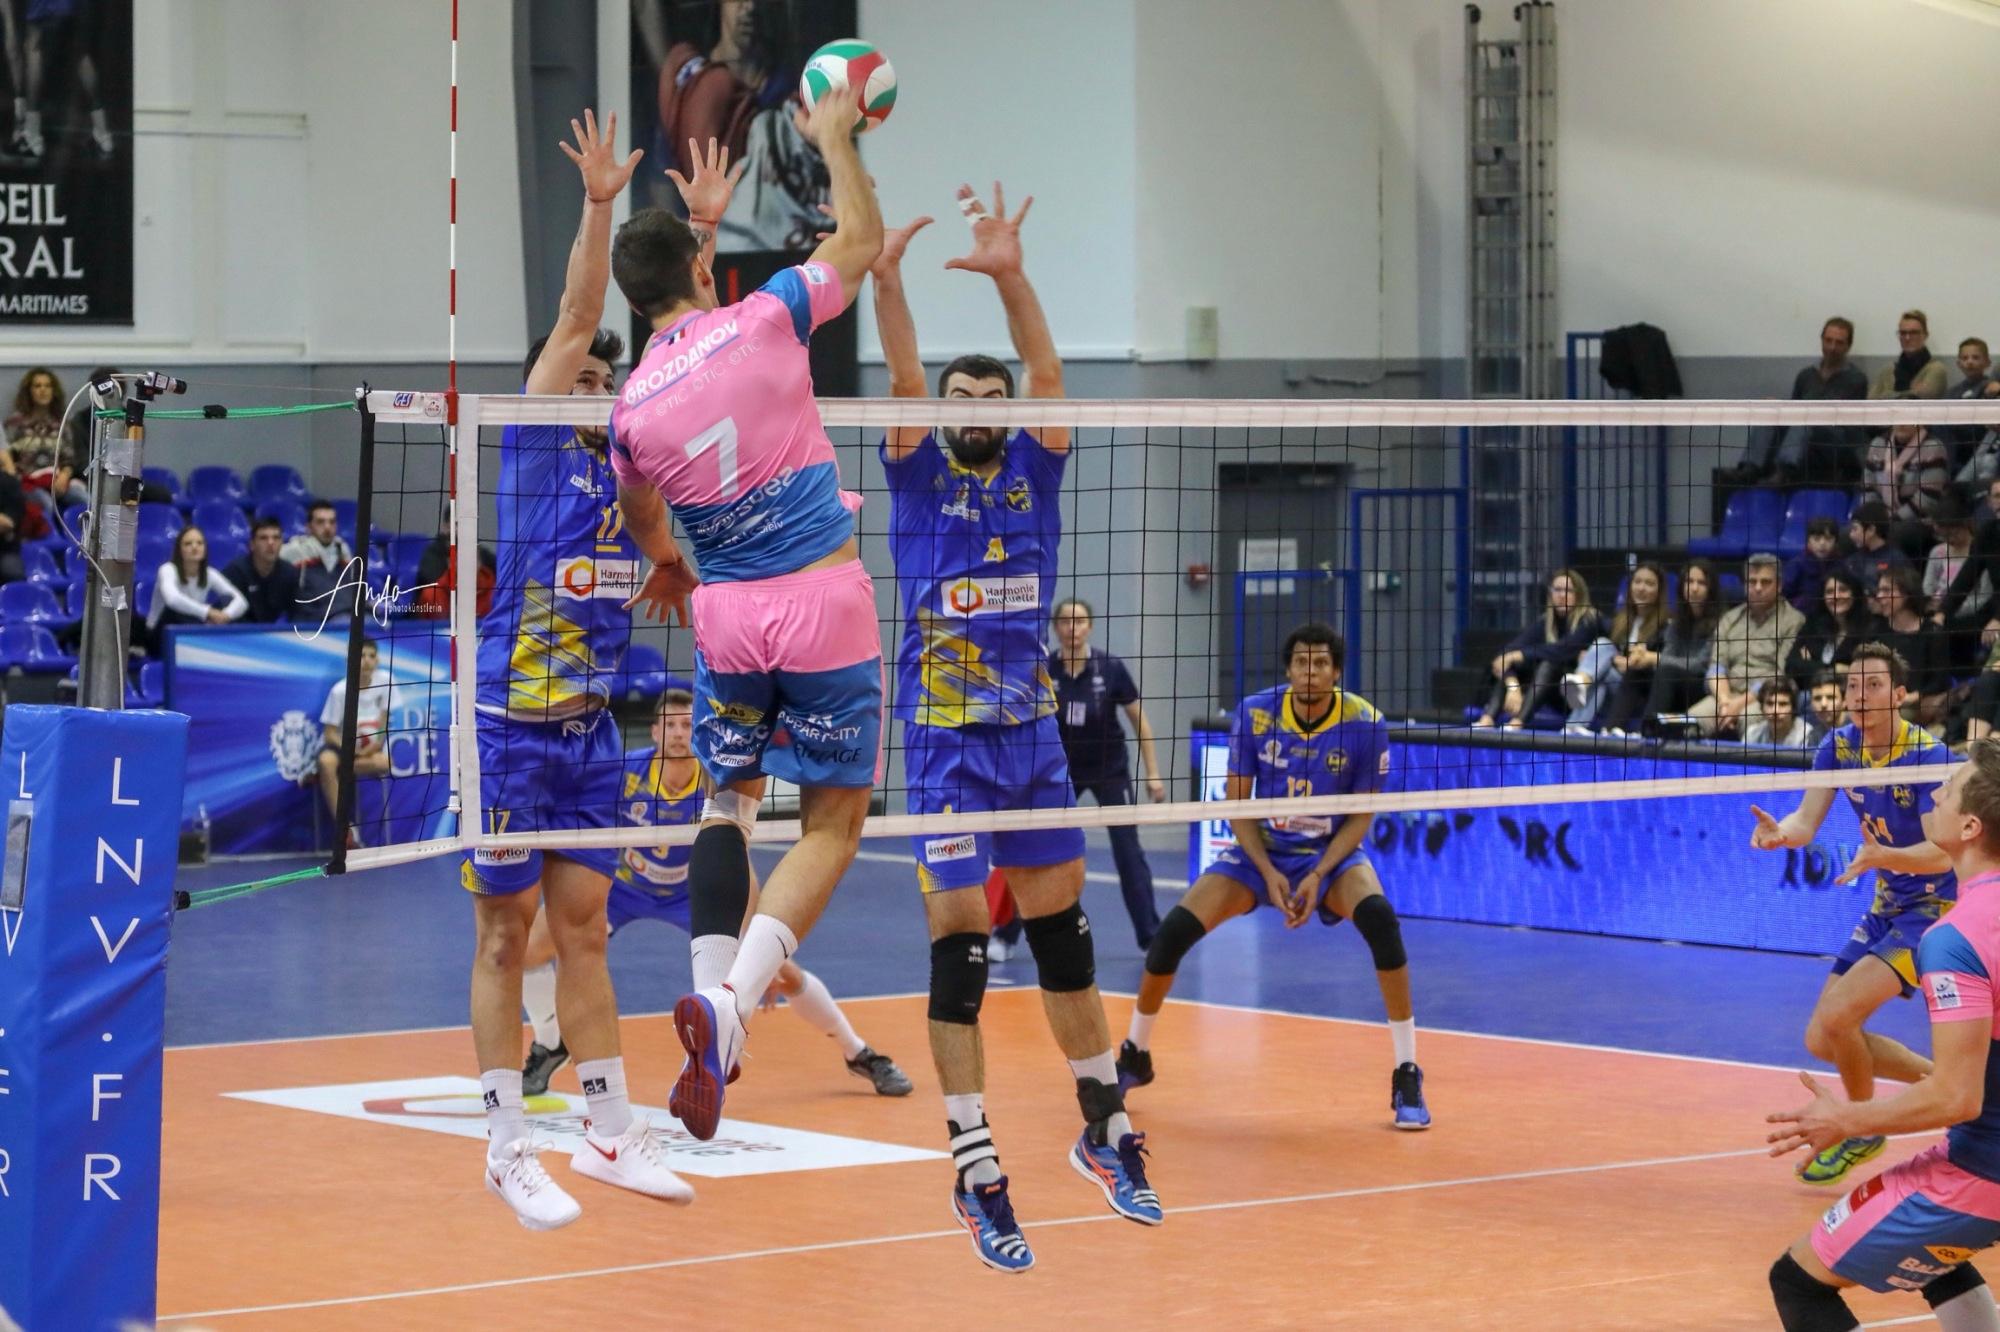 #Italy: Branimir Grozdanov from Sete to Sora